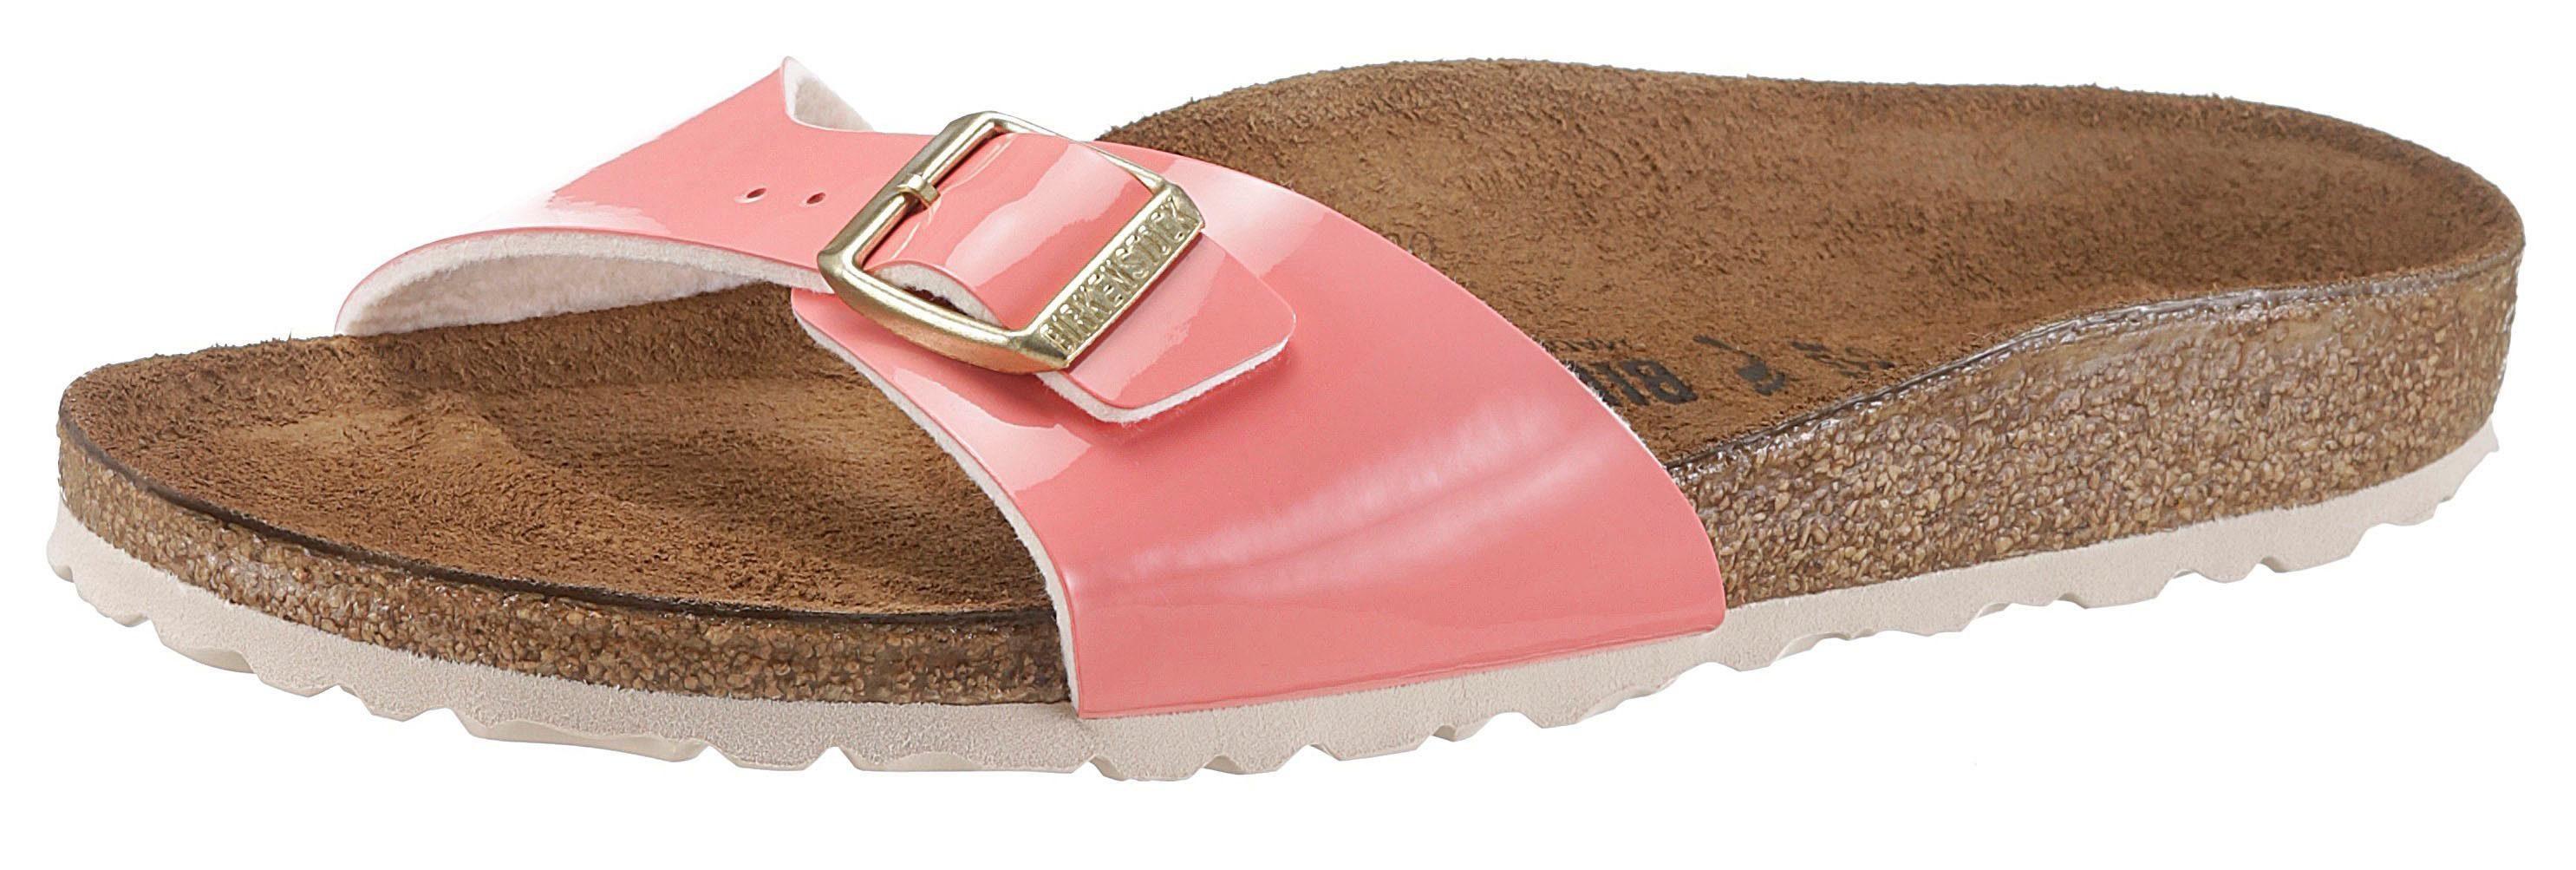 Birkenstock Pantolette, in schmaler Schuhweite und Lack-Optik, rosa, EURO-Größen, lachs